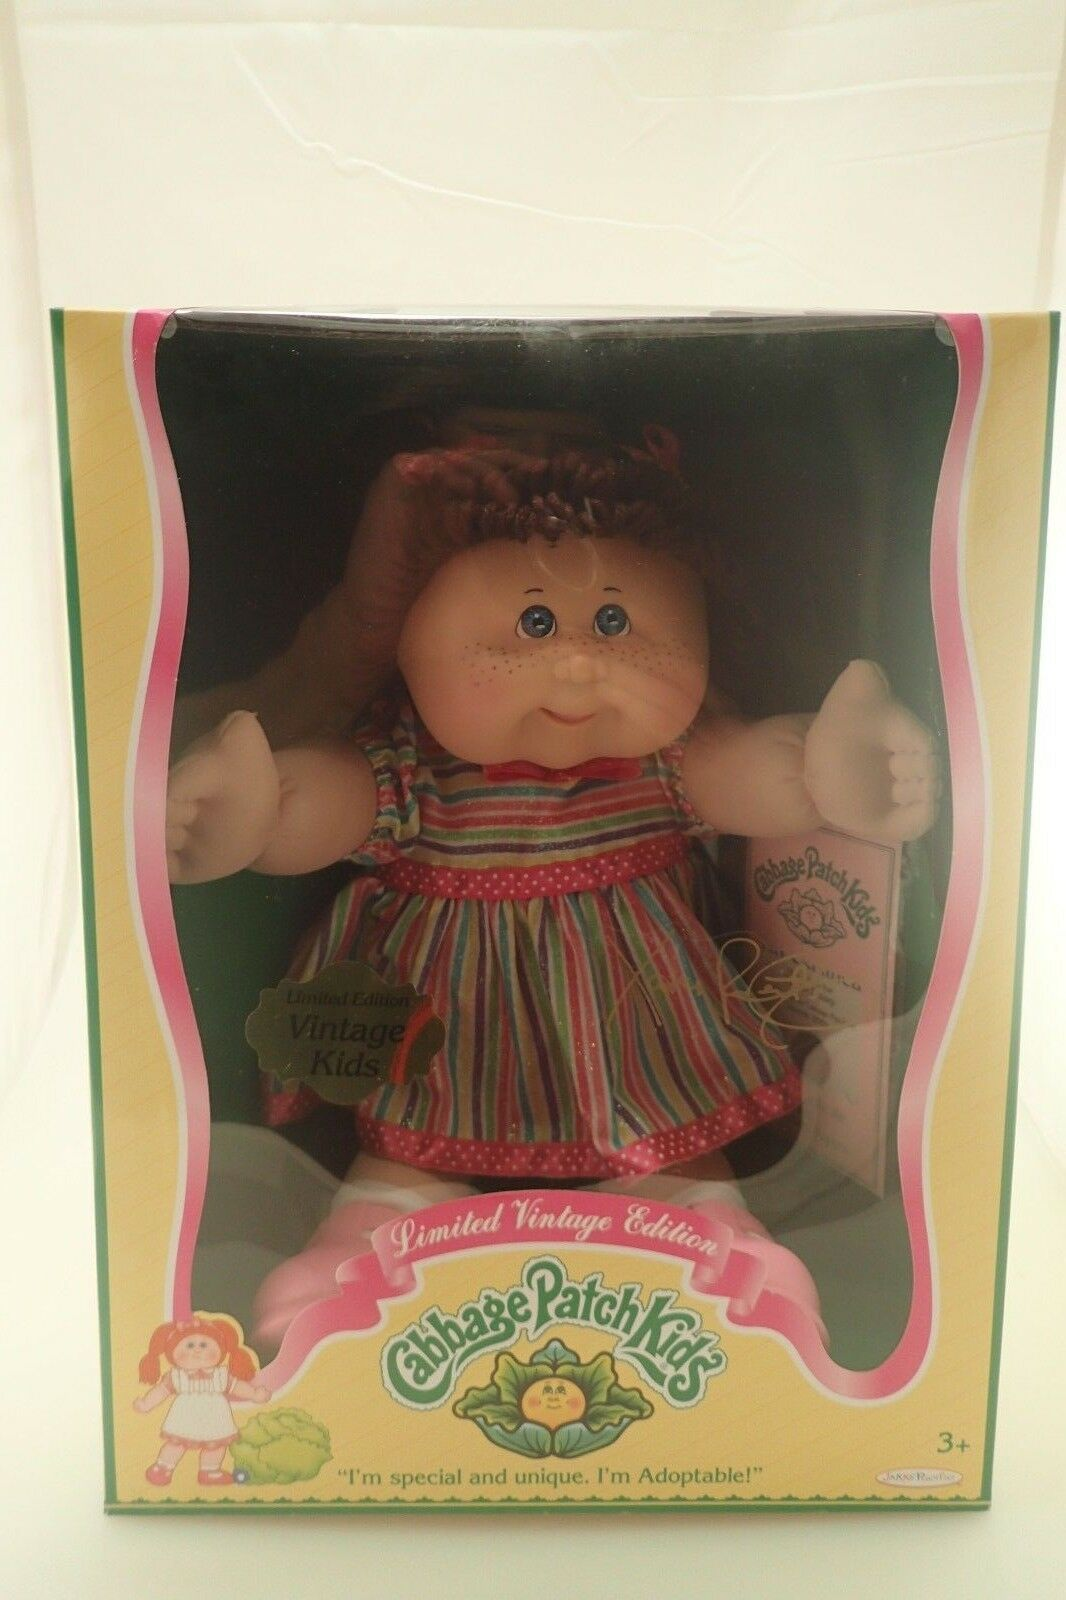 Nuevo en caja de edición limitada Cabbage Patch Kids Vintage Niños nacidos marzo 29th Regalo Gratis